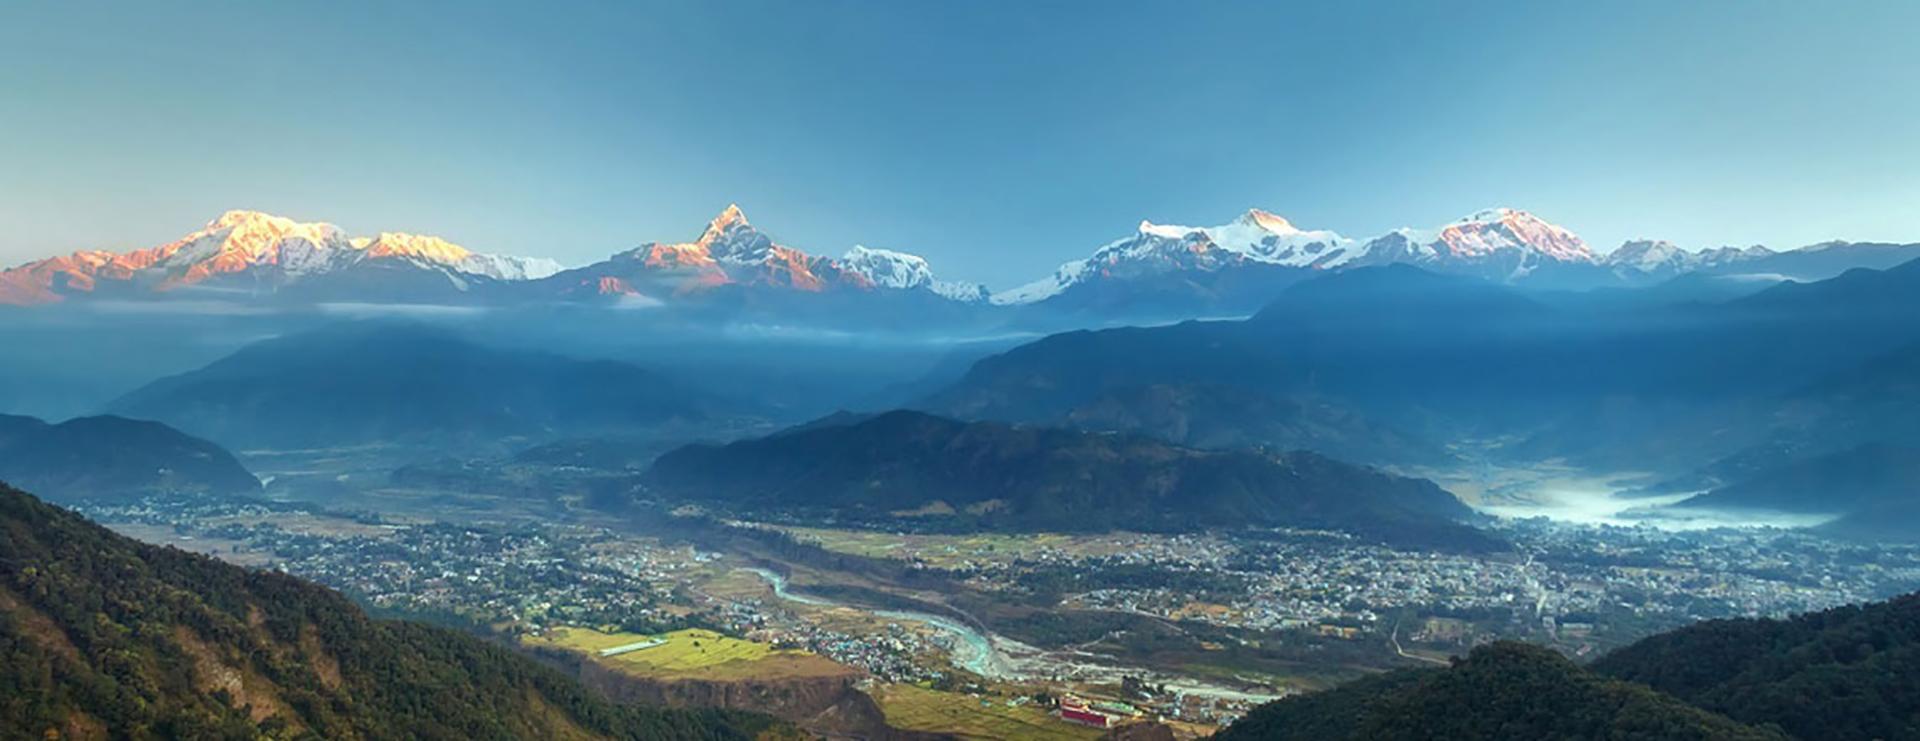 Crowe Horwath Kathmandu Nepal